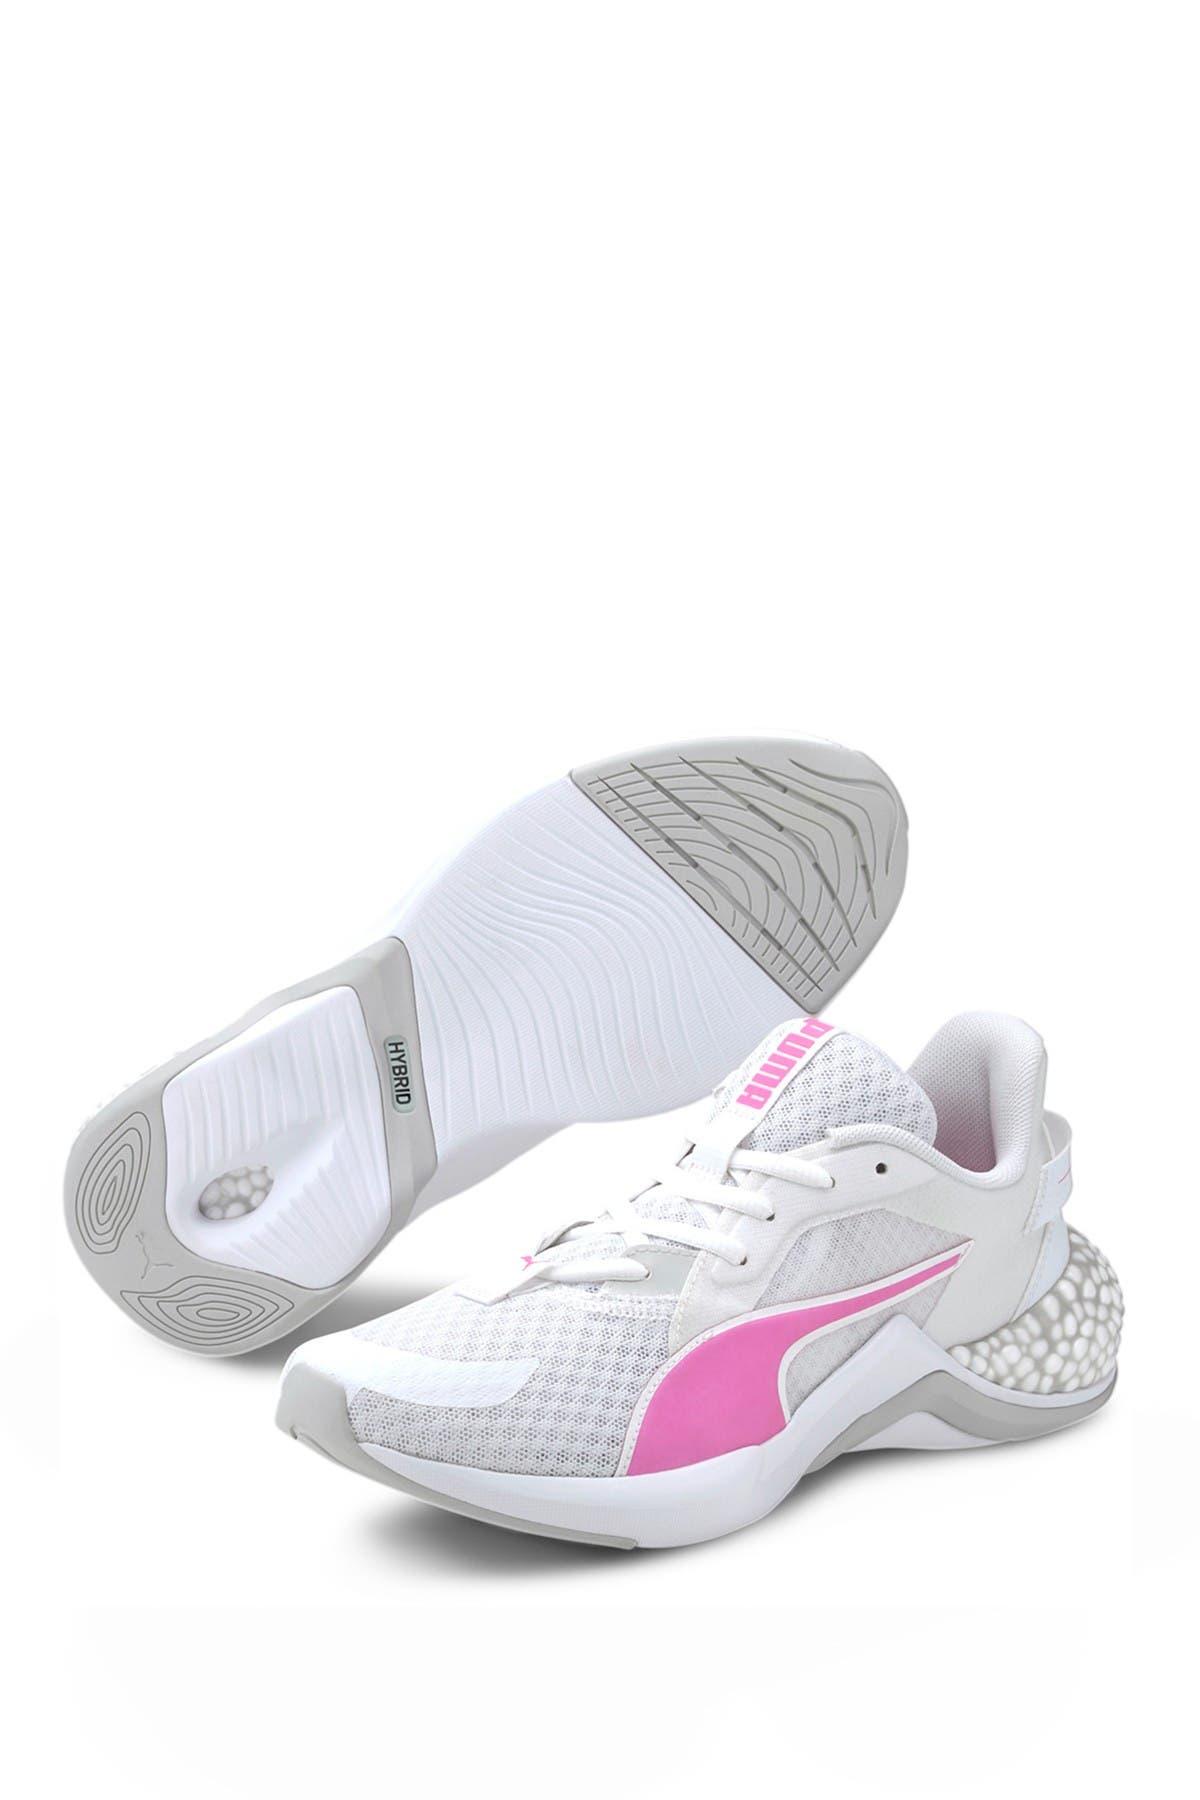 Image of PUMA Hybrid NX Ozone Running Shoe